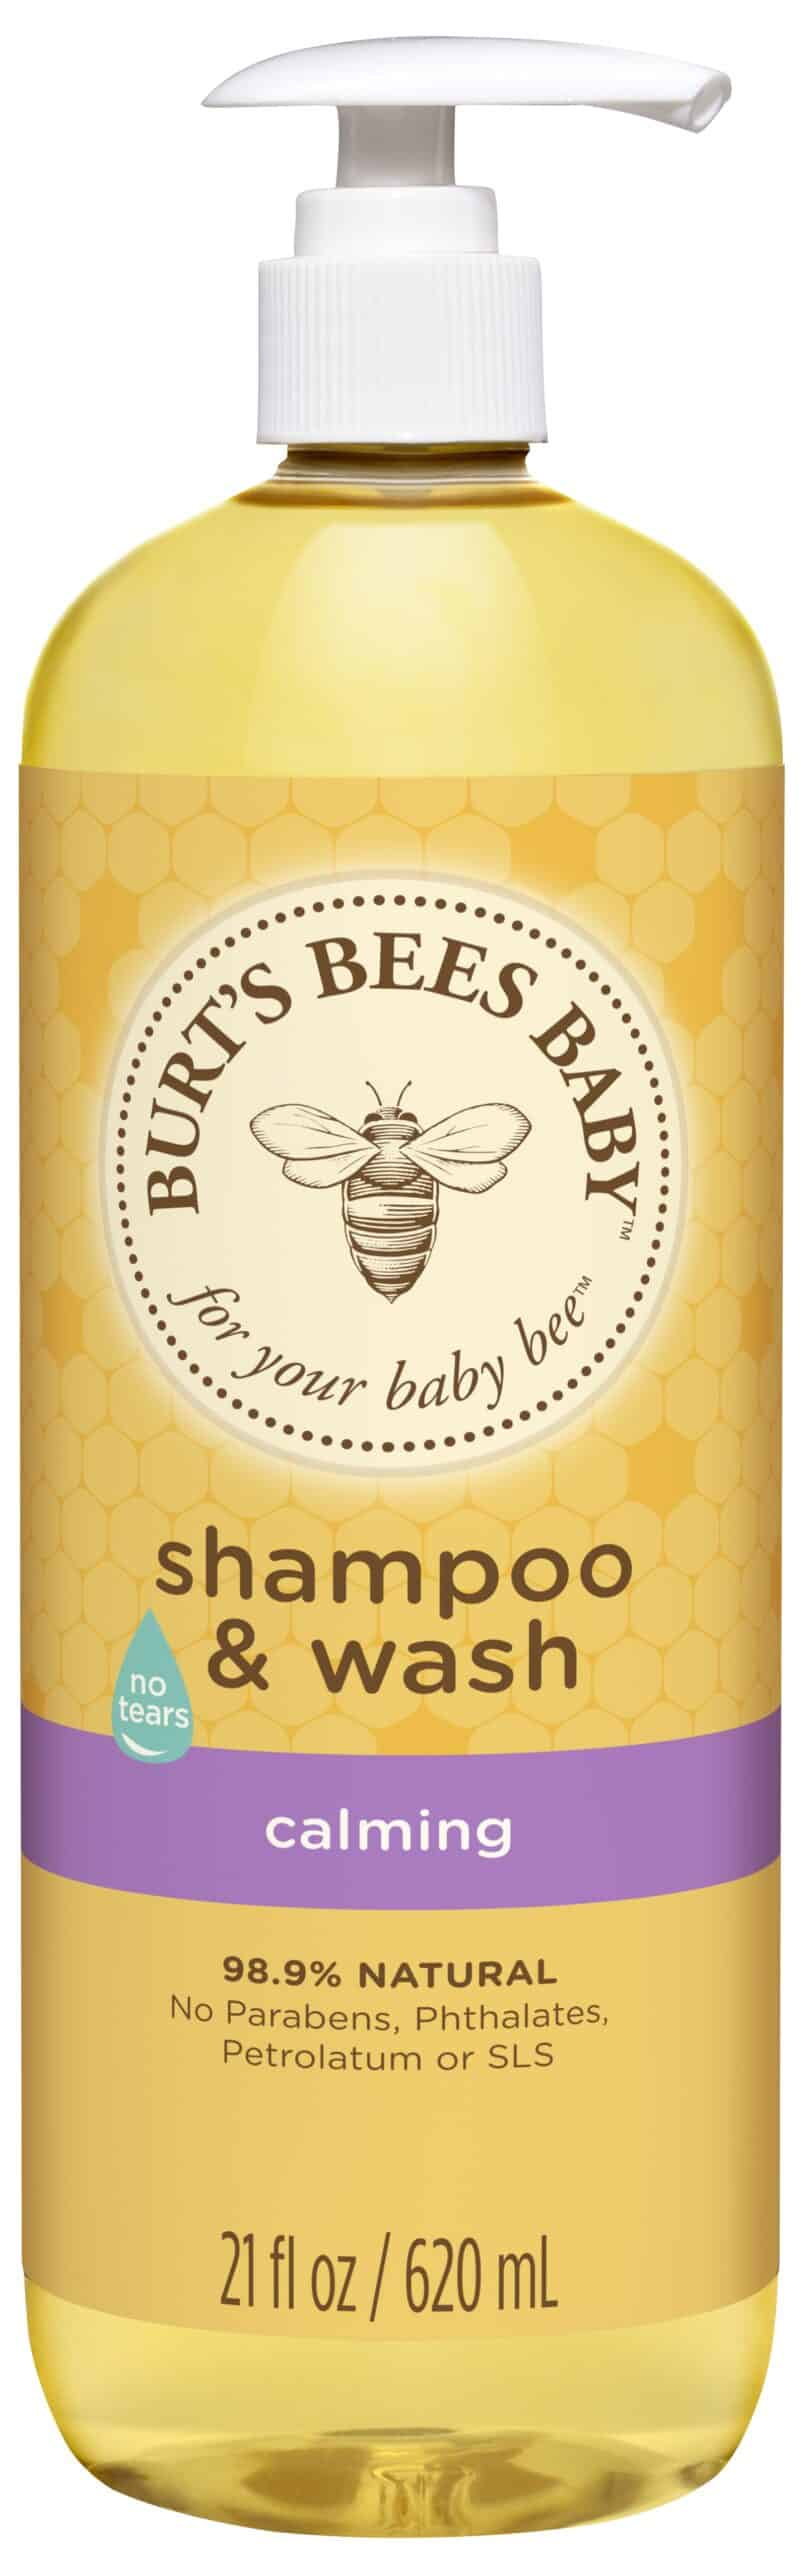 2. Burt's Bees Calming Baby